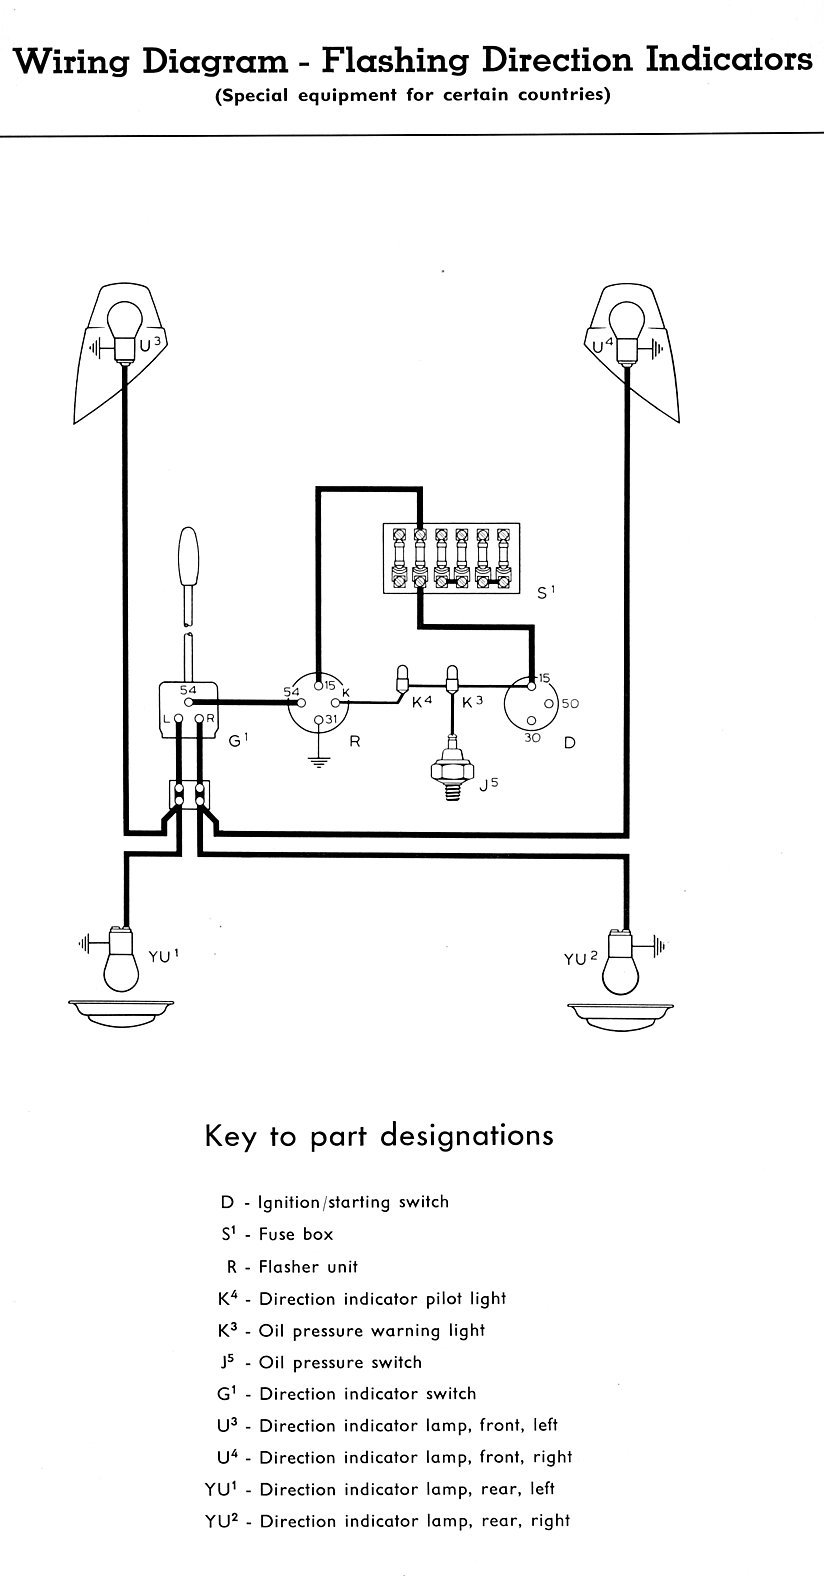 Thesamba :: Type 2 Wiring Diagrams - Brake And Turn Signal Wiring Diagram